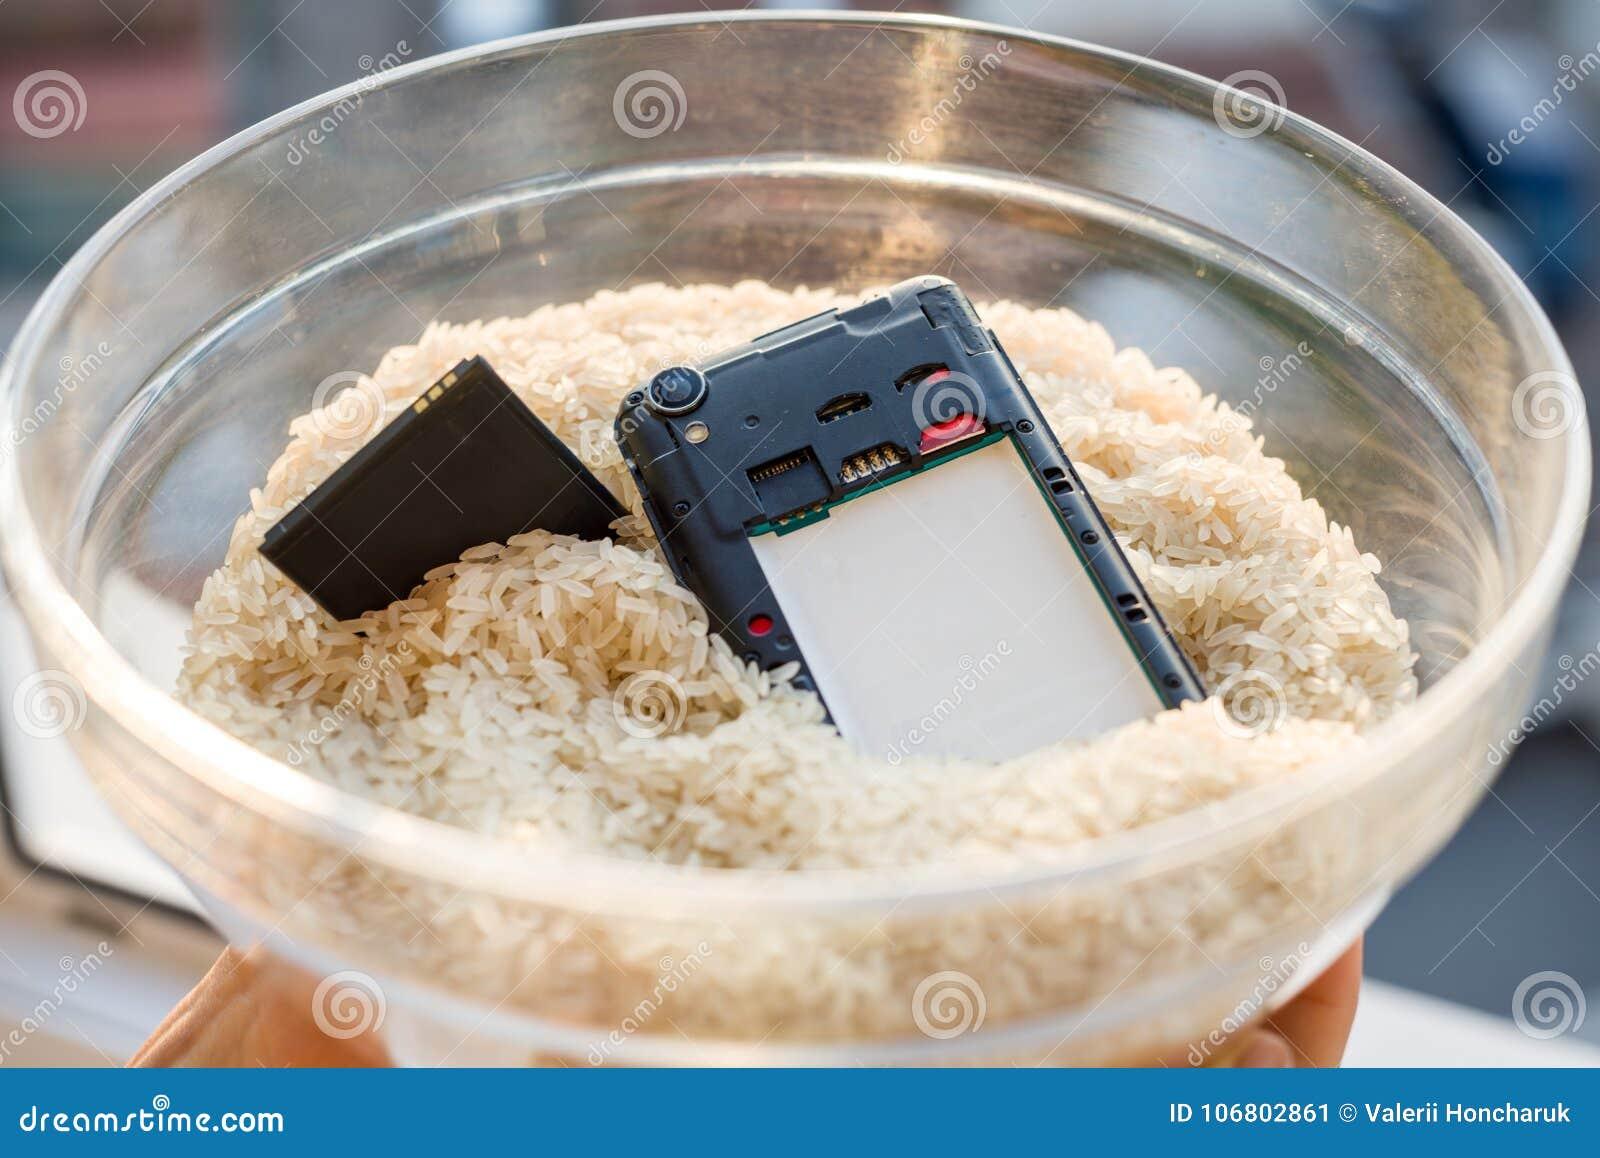 Упал ваш телефон в воде - починка рис